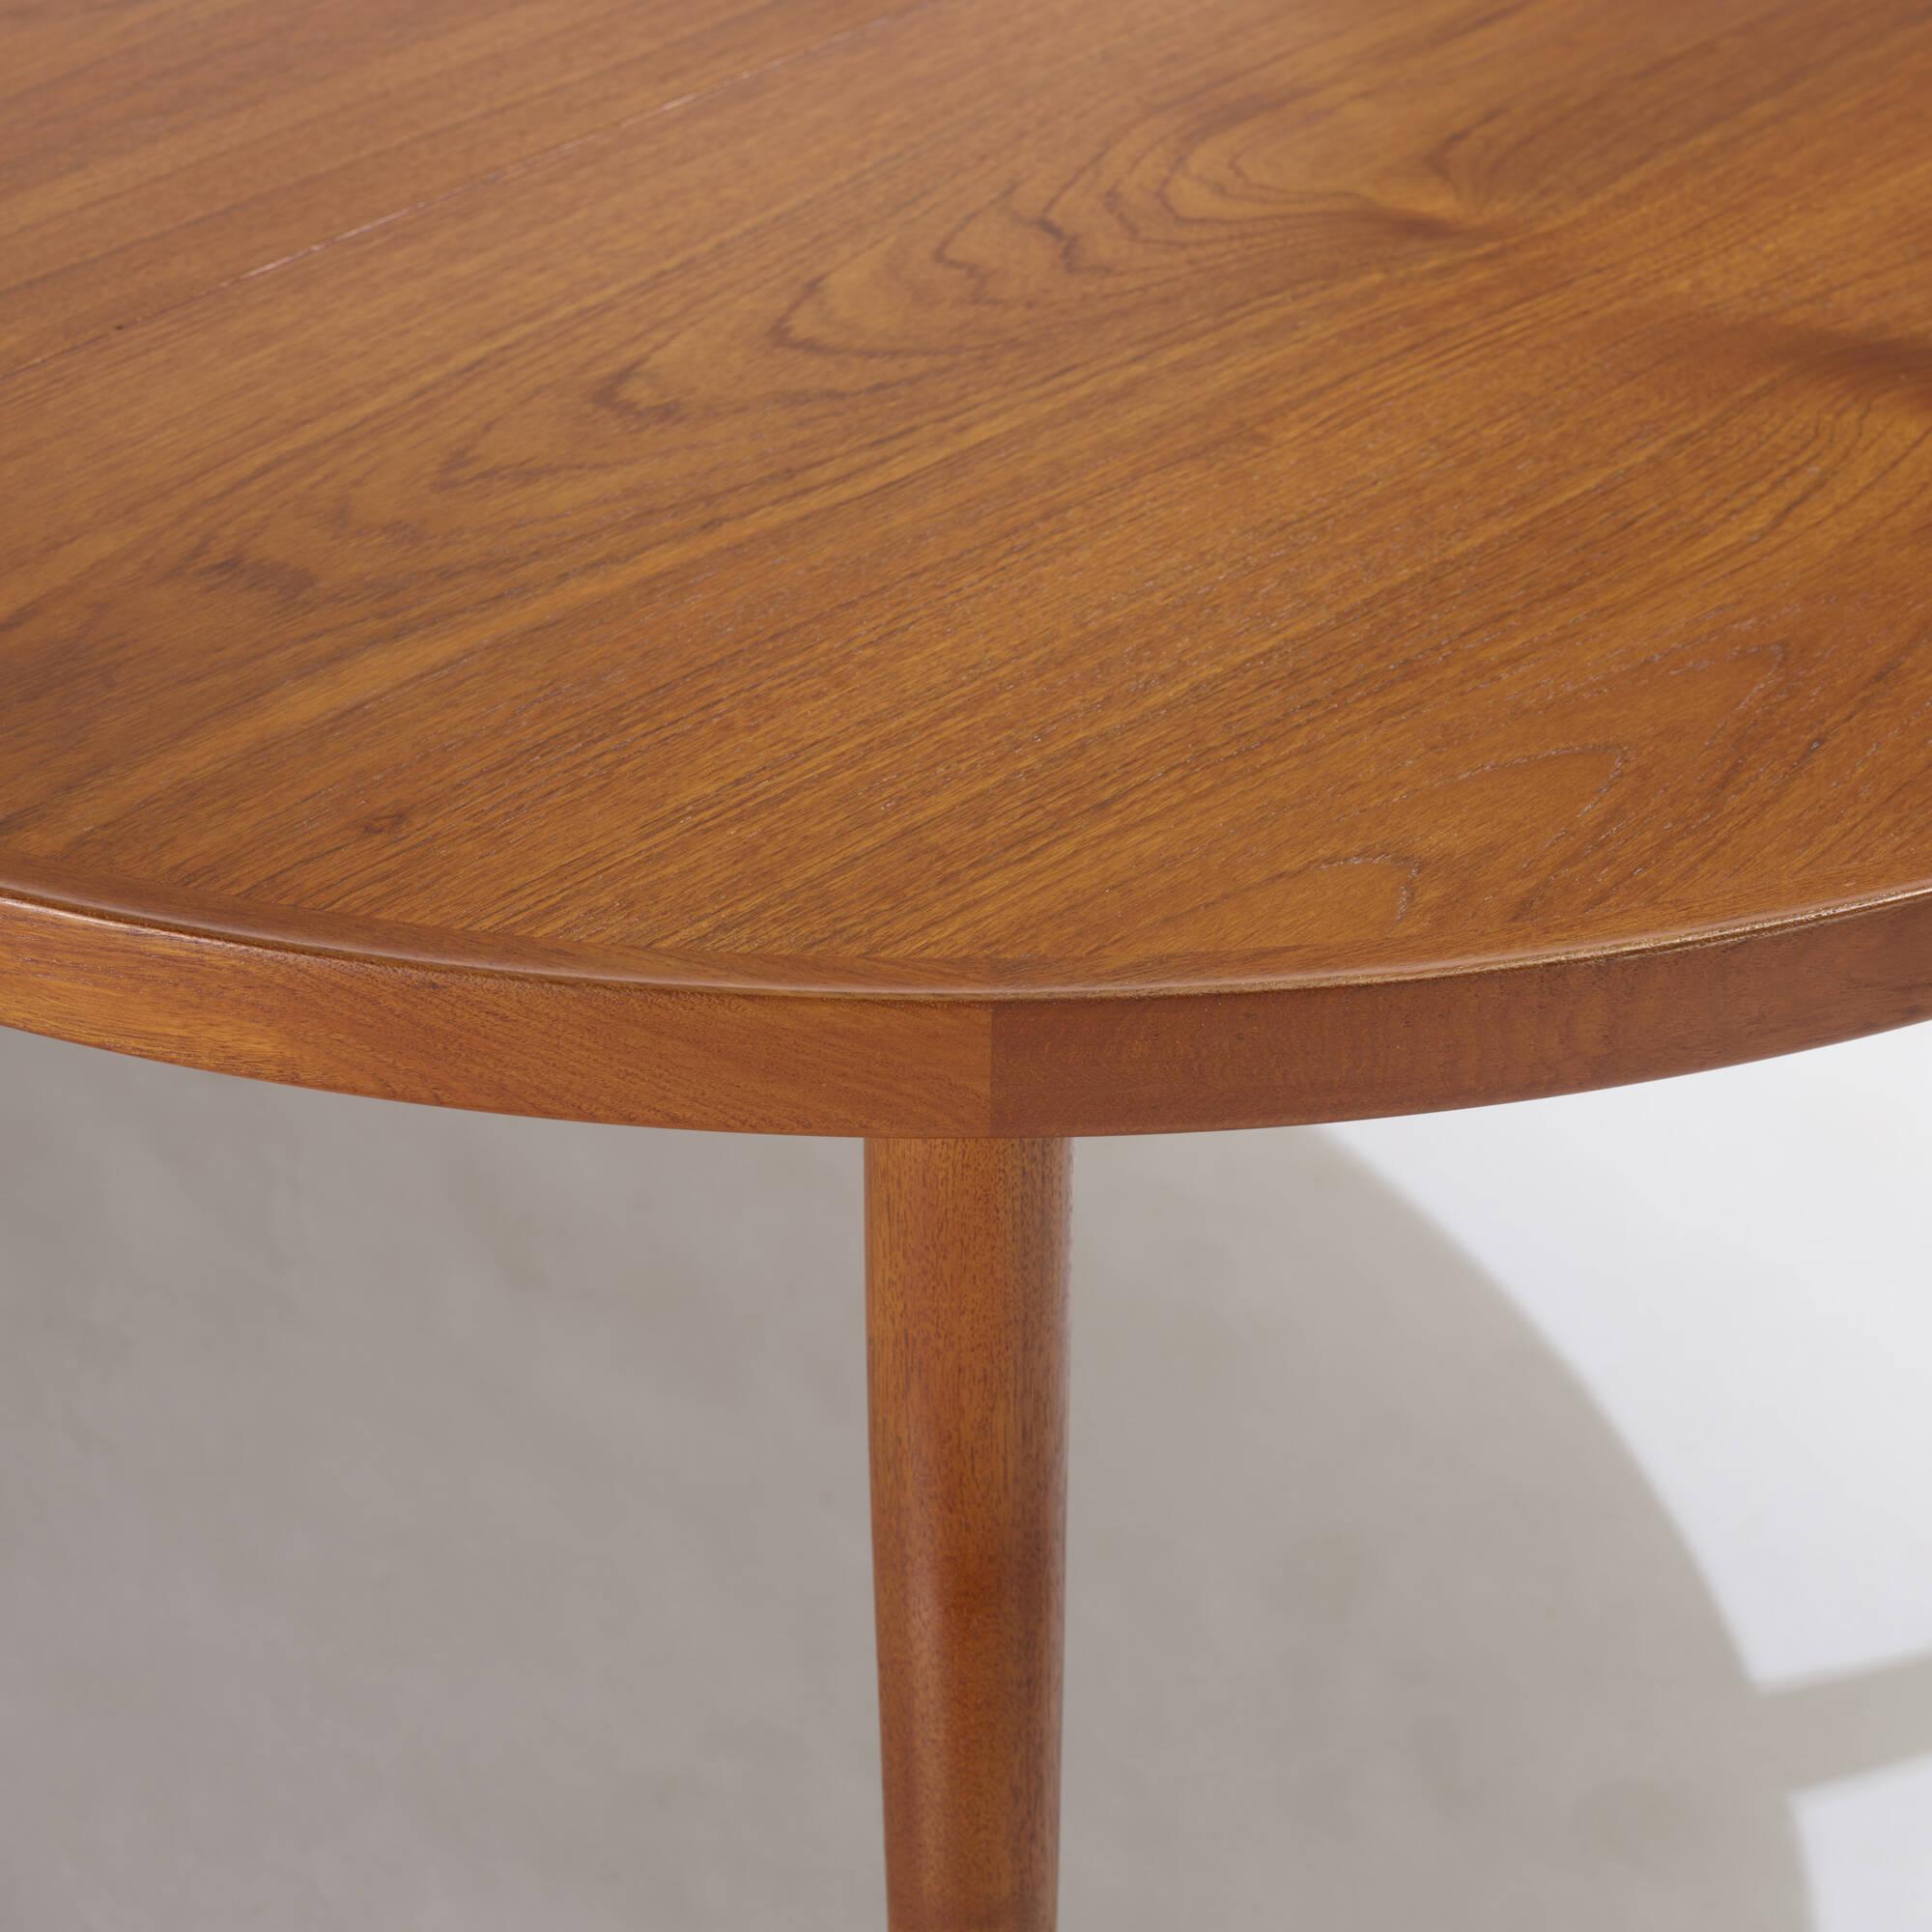 105: Finn Juhl / dining table (3 of 3)